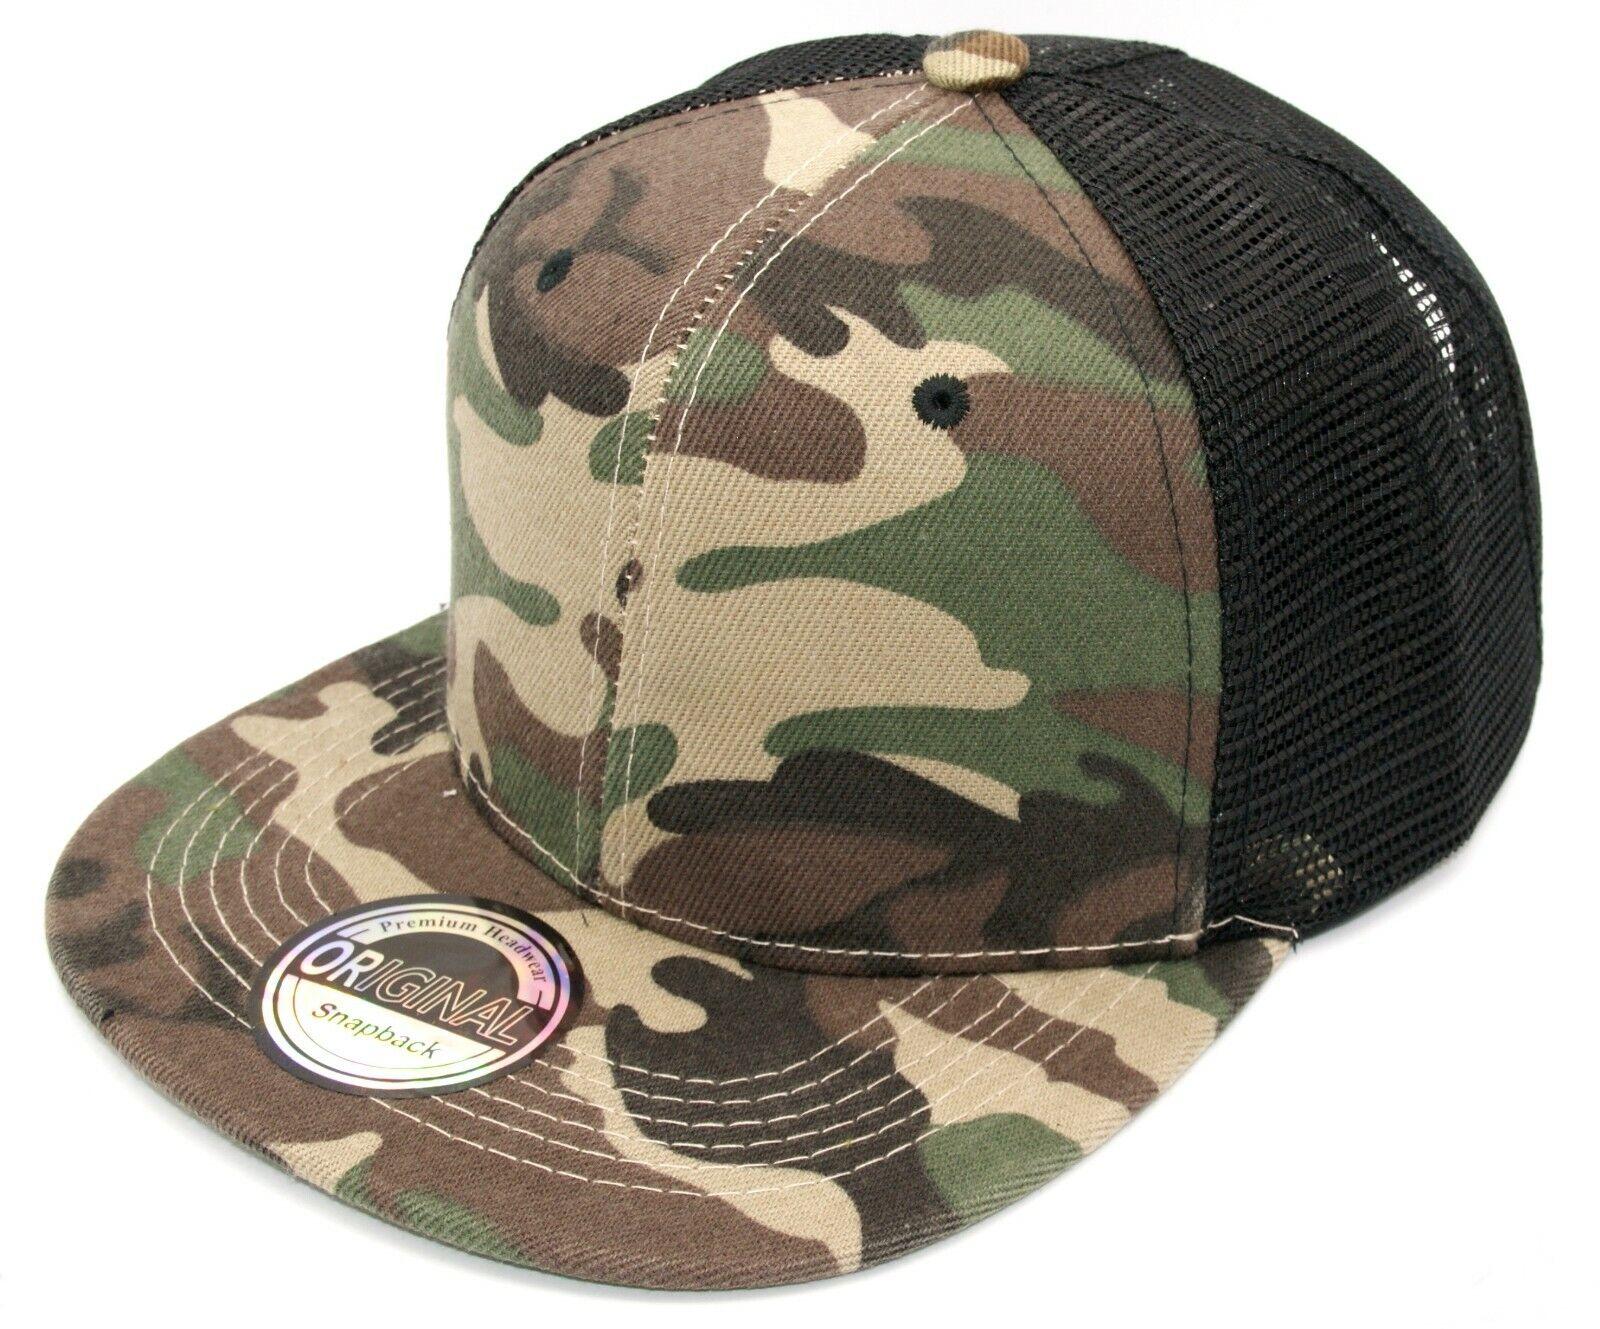 Cappy Herren Damen Cap Basecap Kappe Camouflage Camo Trucker Netz Mesh 54-60cm